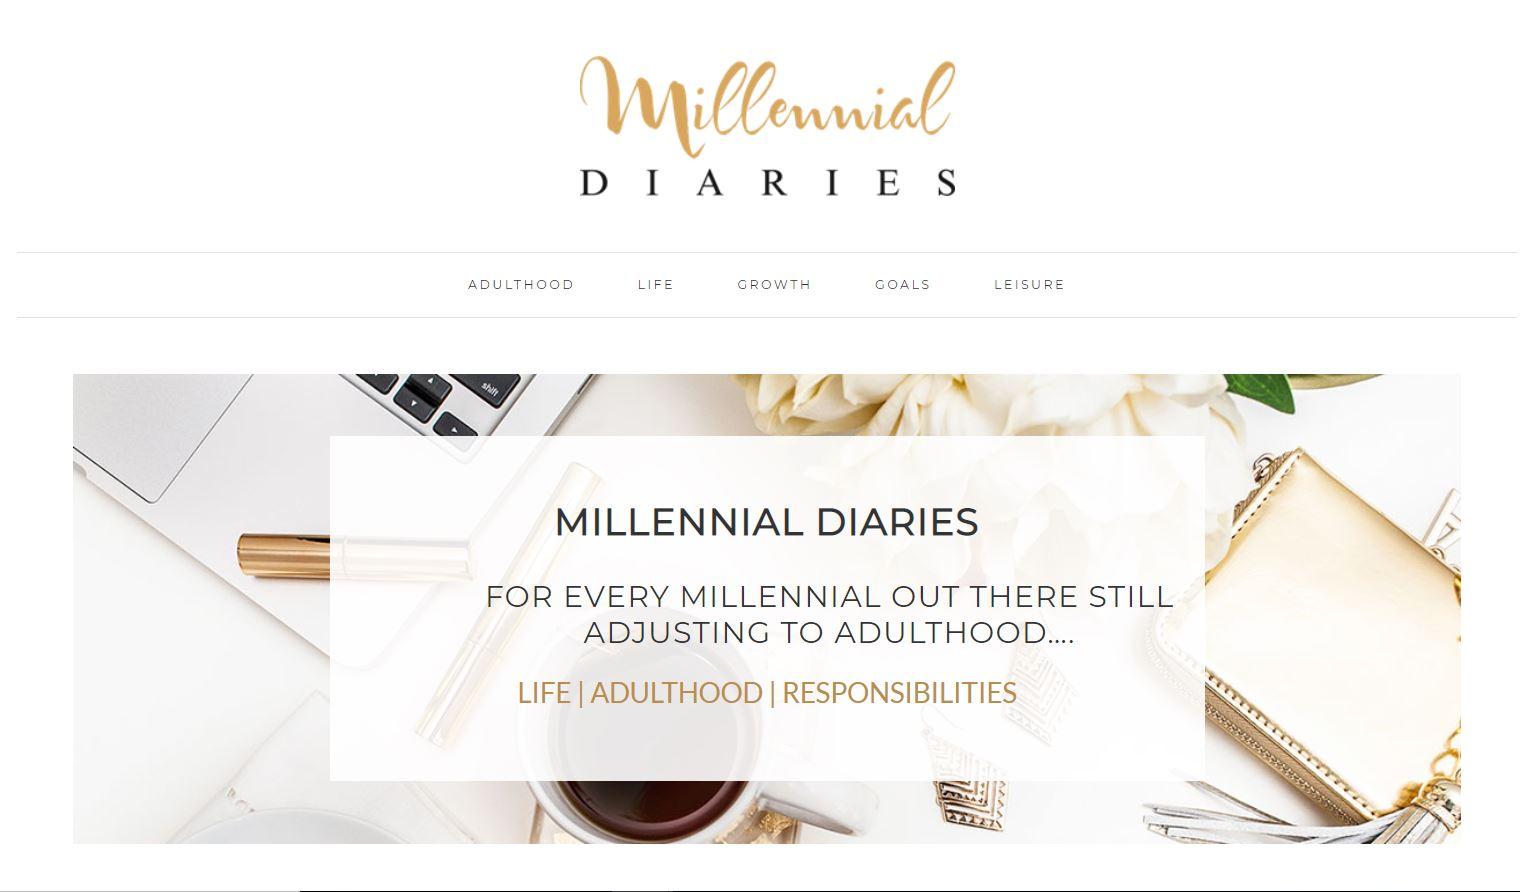 Millennial Diaries